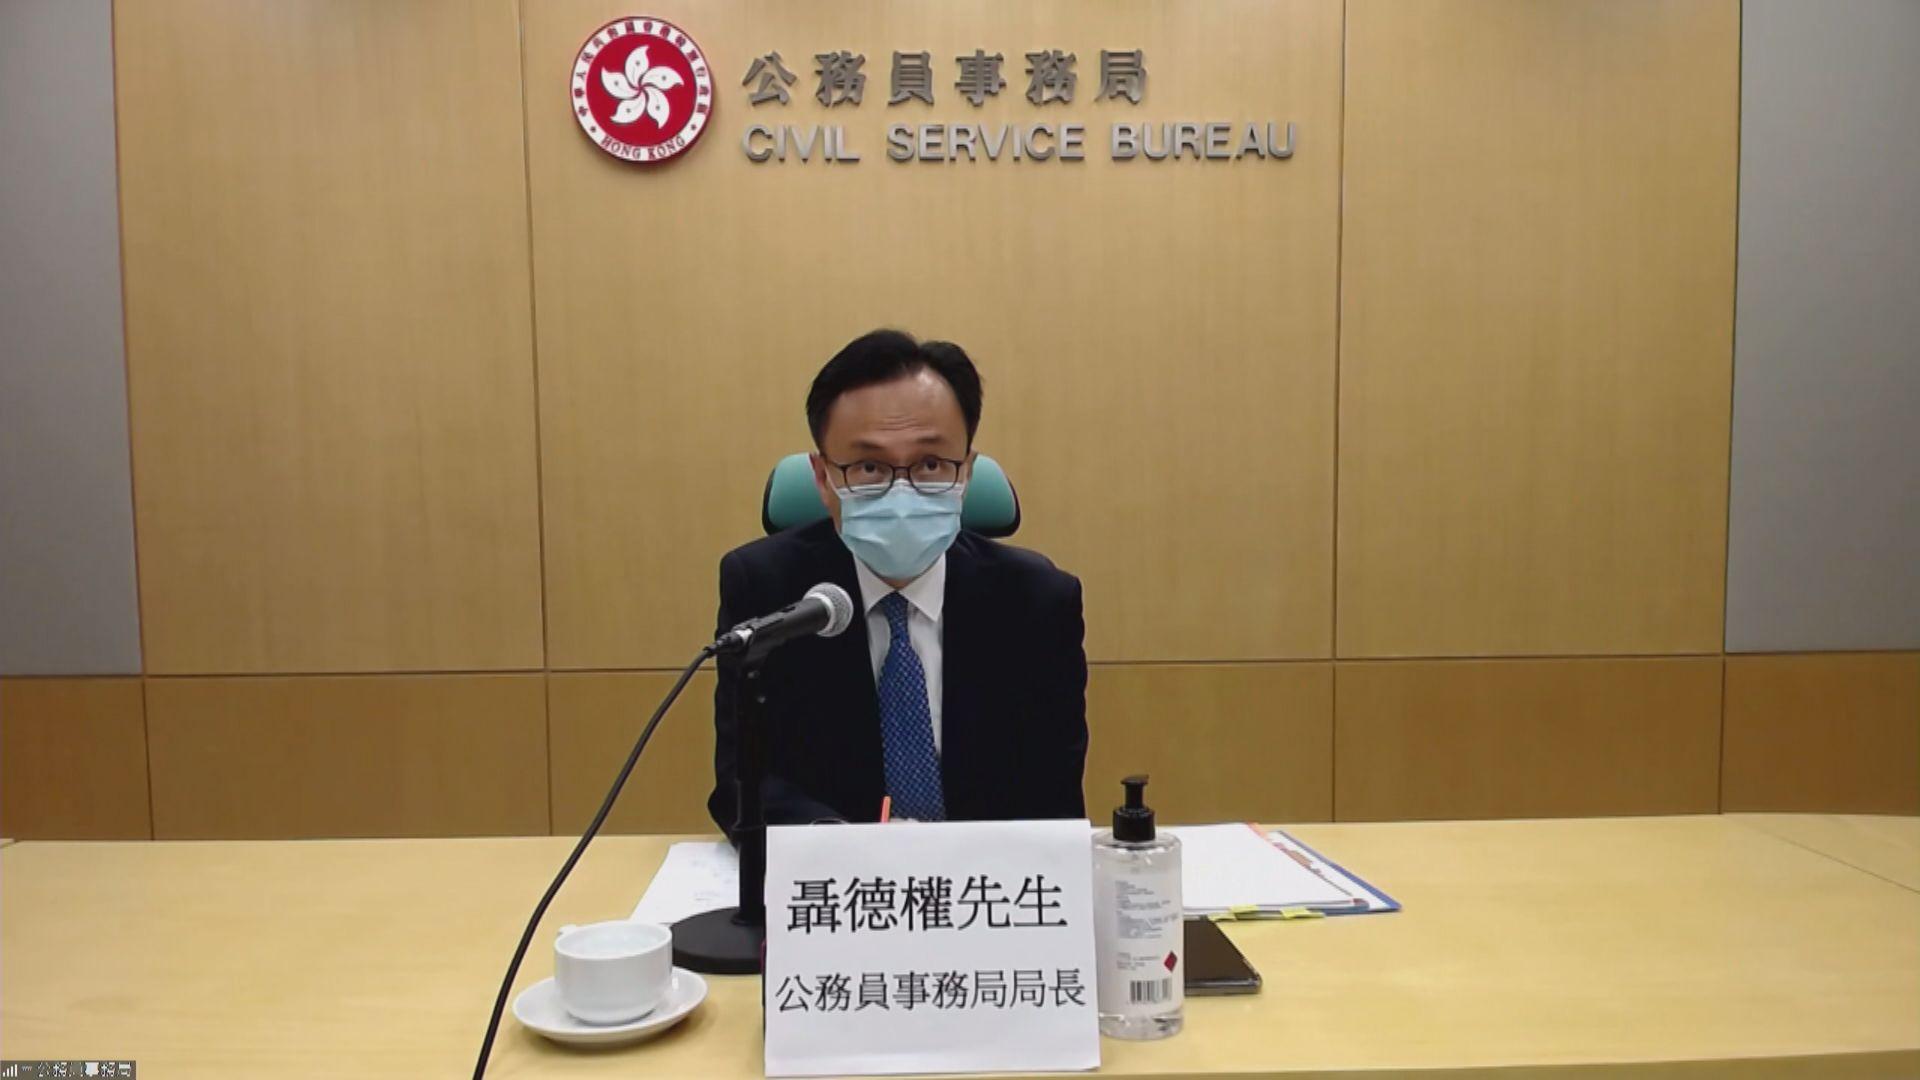 聶德權:新入職公務員培訓將加入國安法內容